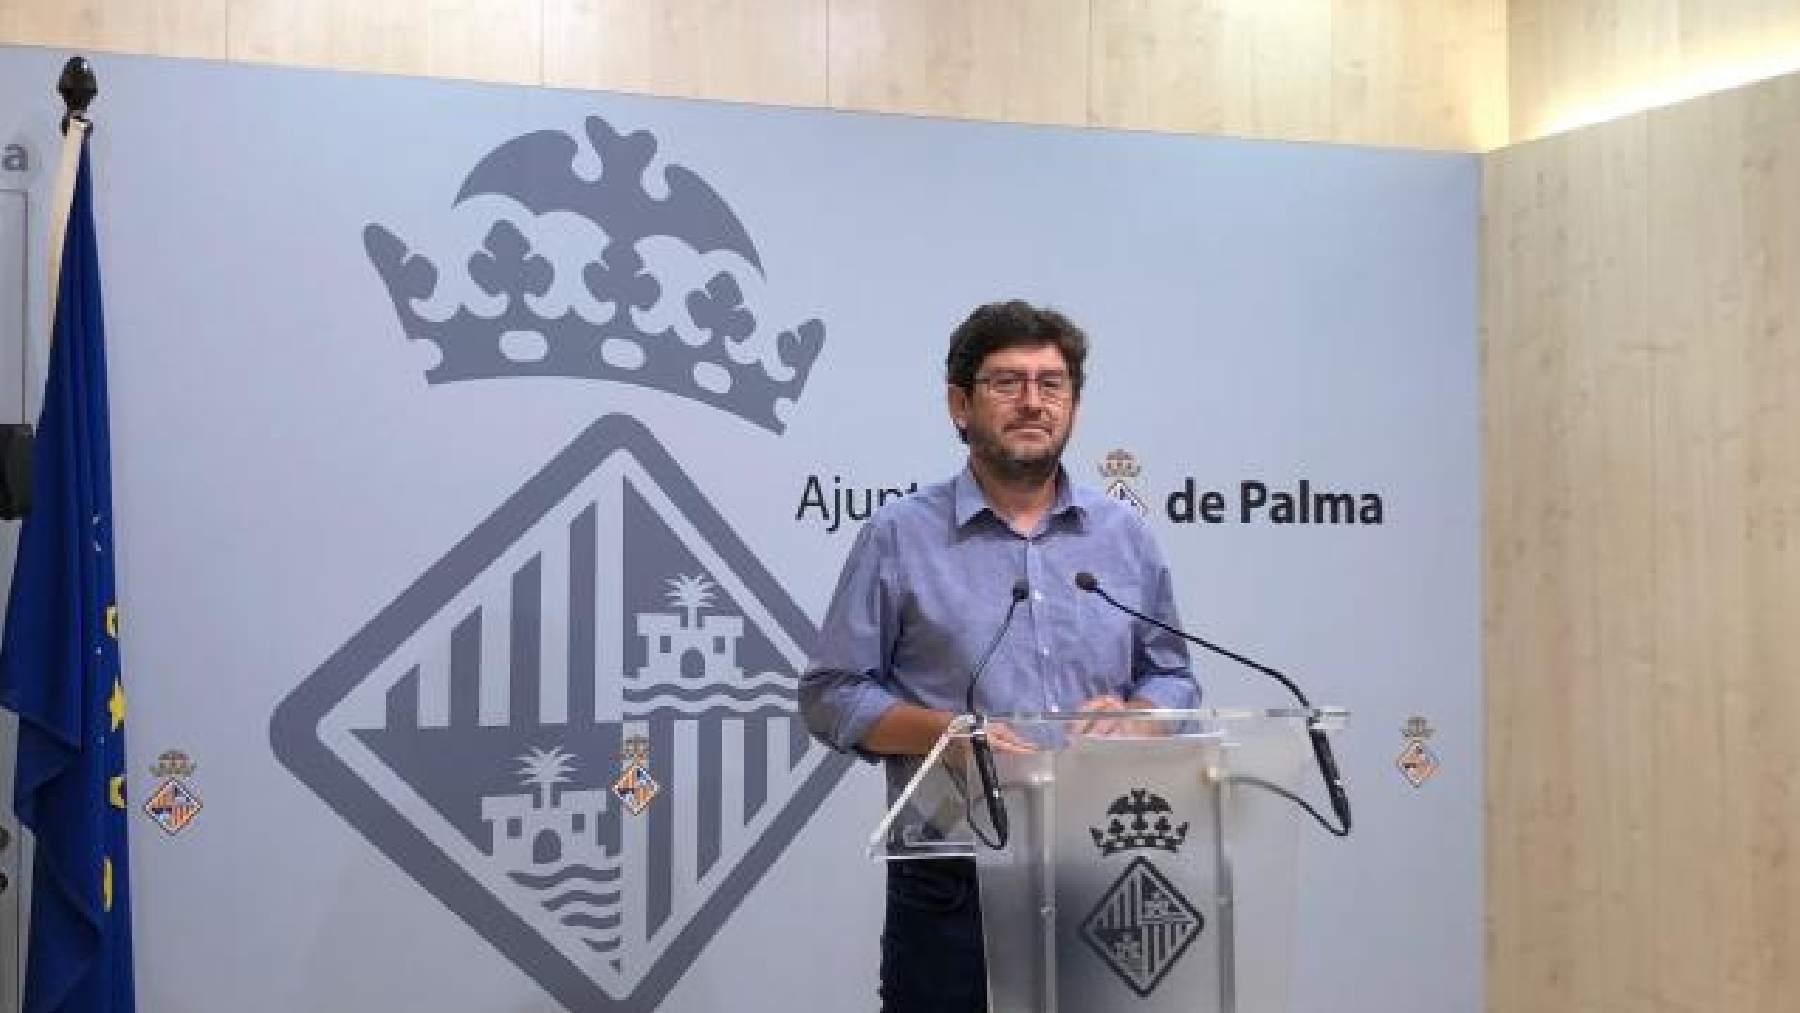 El concejal de Unidas Podemos y portavoz del Ayuntamiento de Palma, Alberto Jarabo.